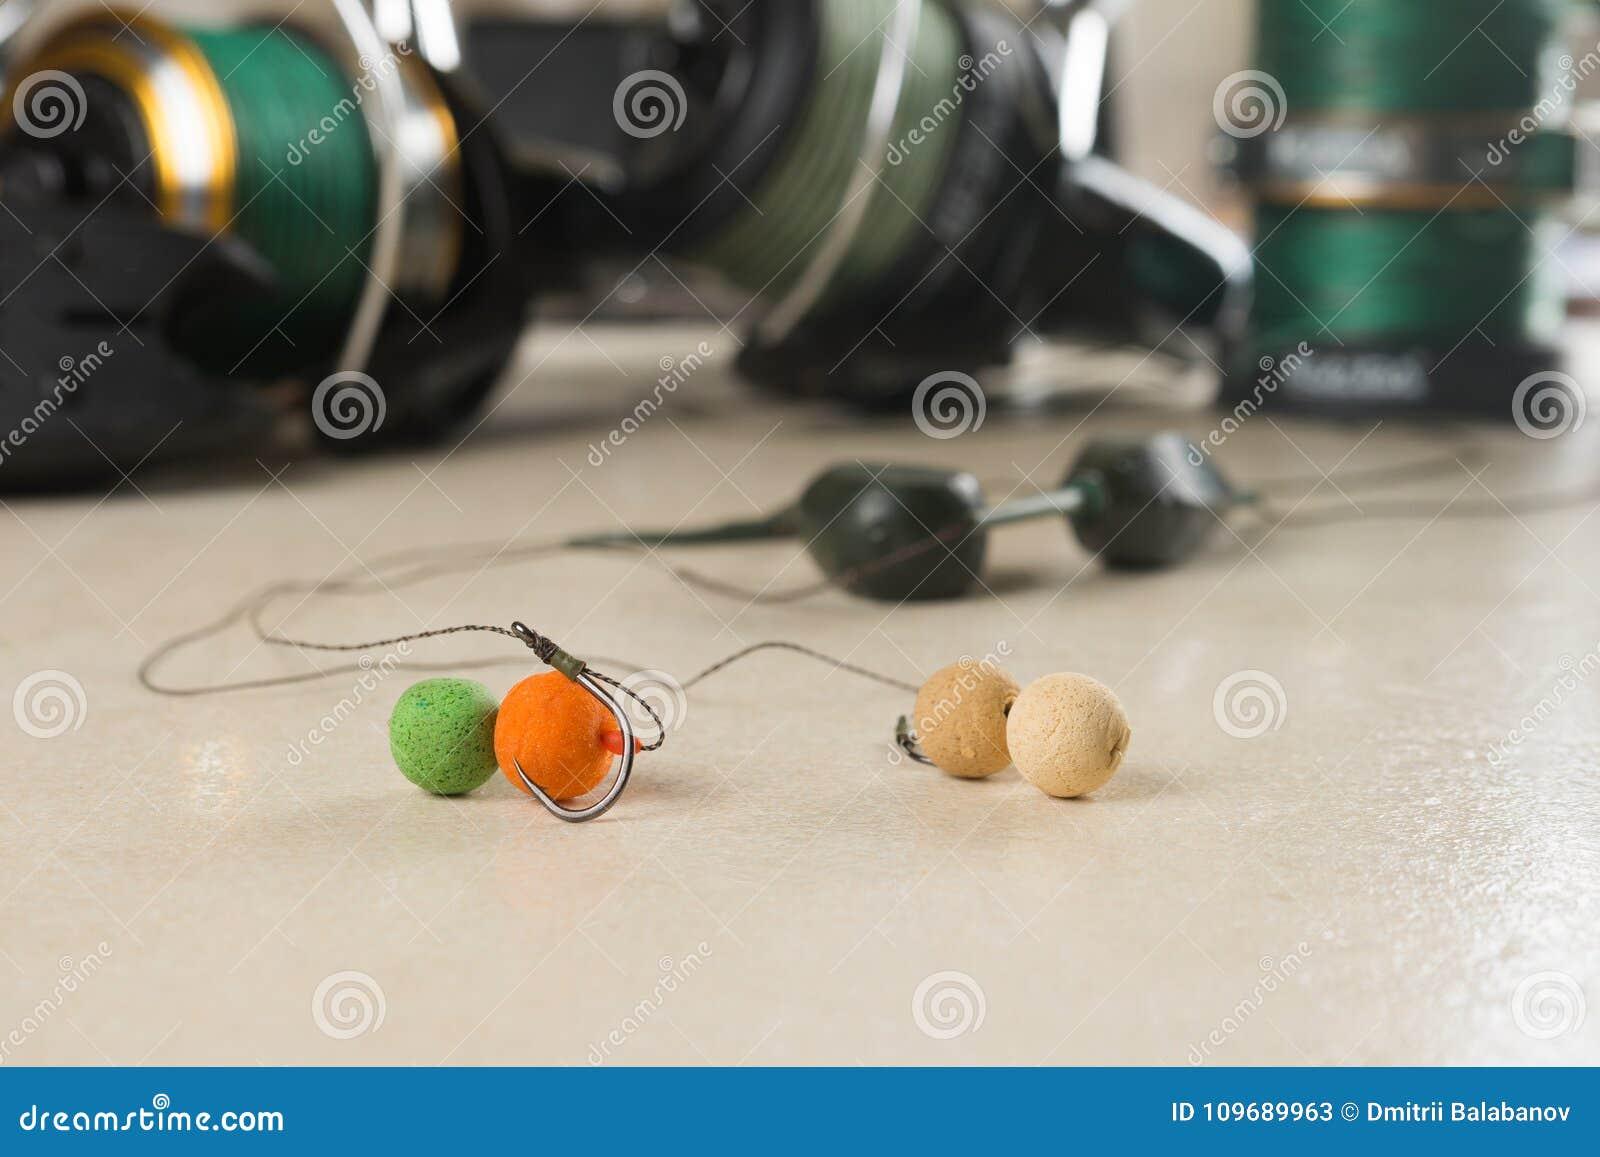 Baits, hooks, sinkers, reels, is preparing for carp fishing. Copy paste